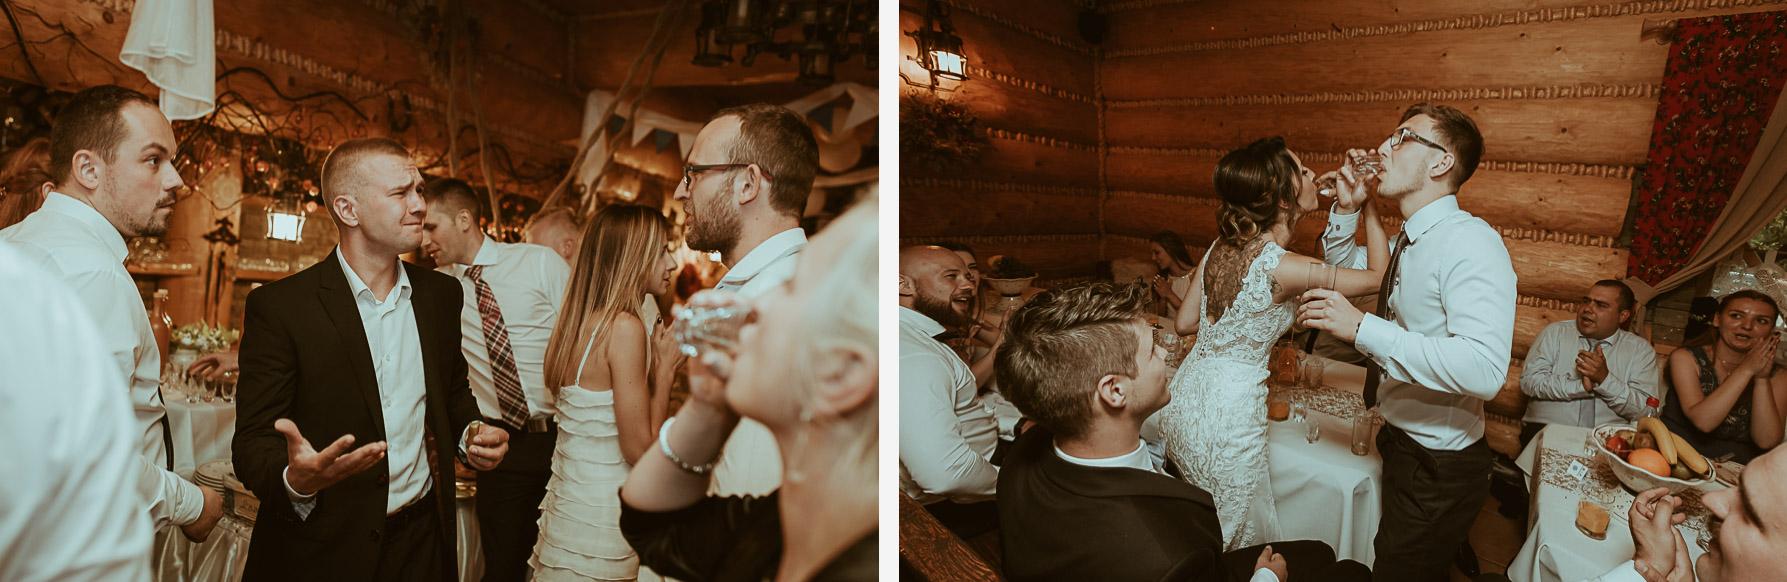 Zdjęcia Ślubne Ustroń 113 24v